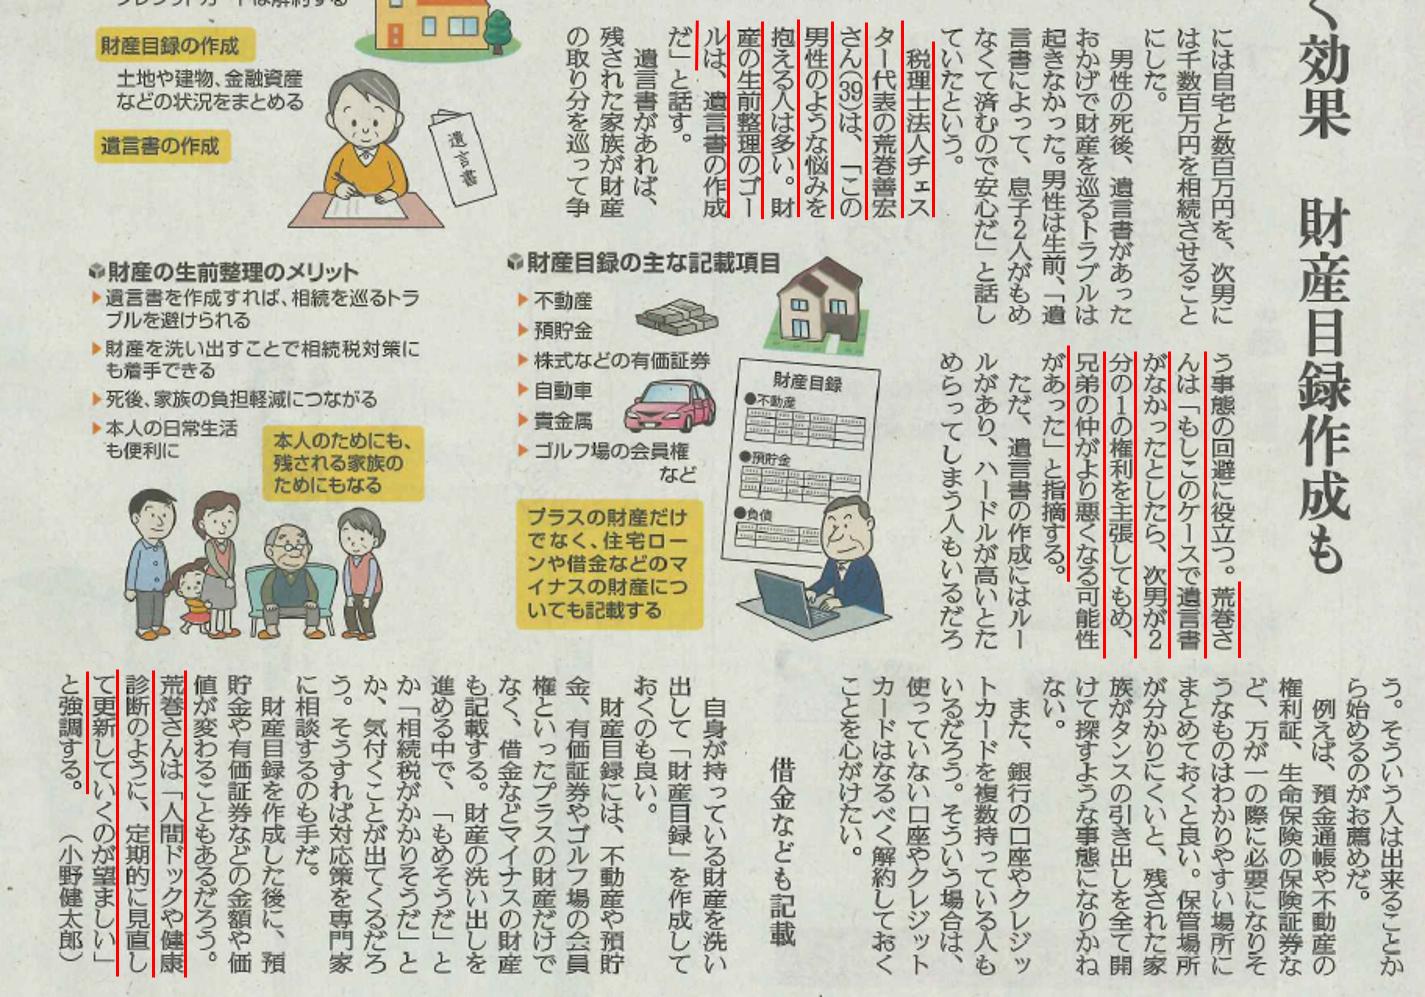 【新聞】読売新聞(2021年7月13日朝刊)に掲載されました。